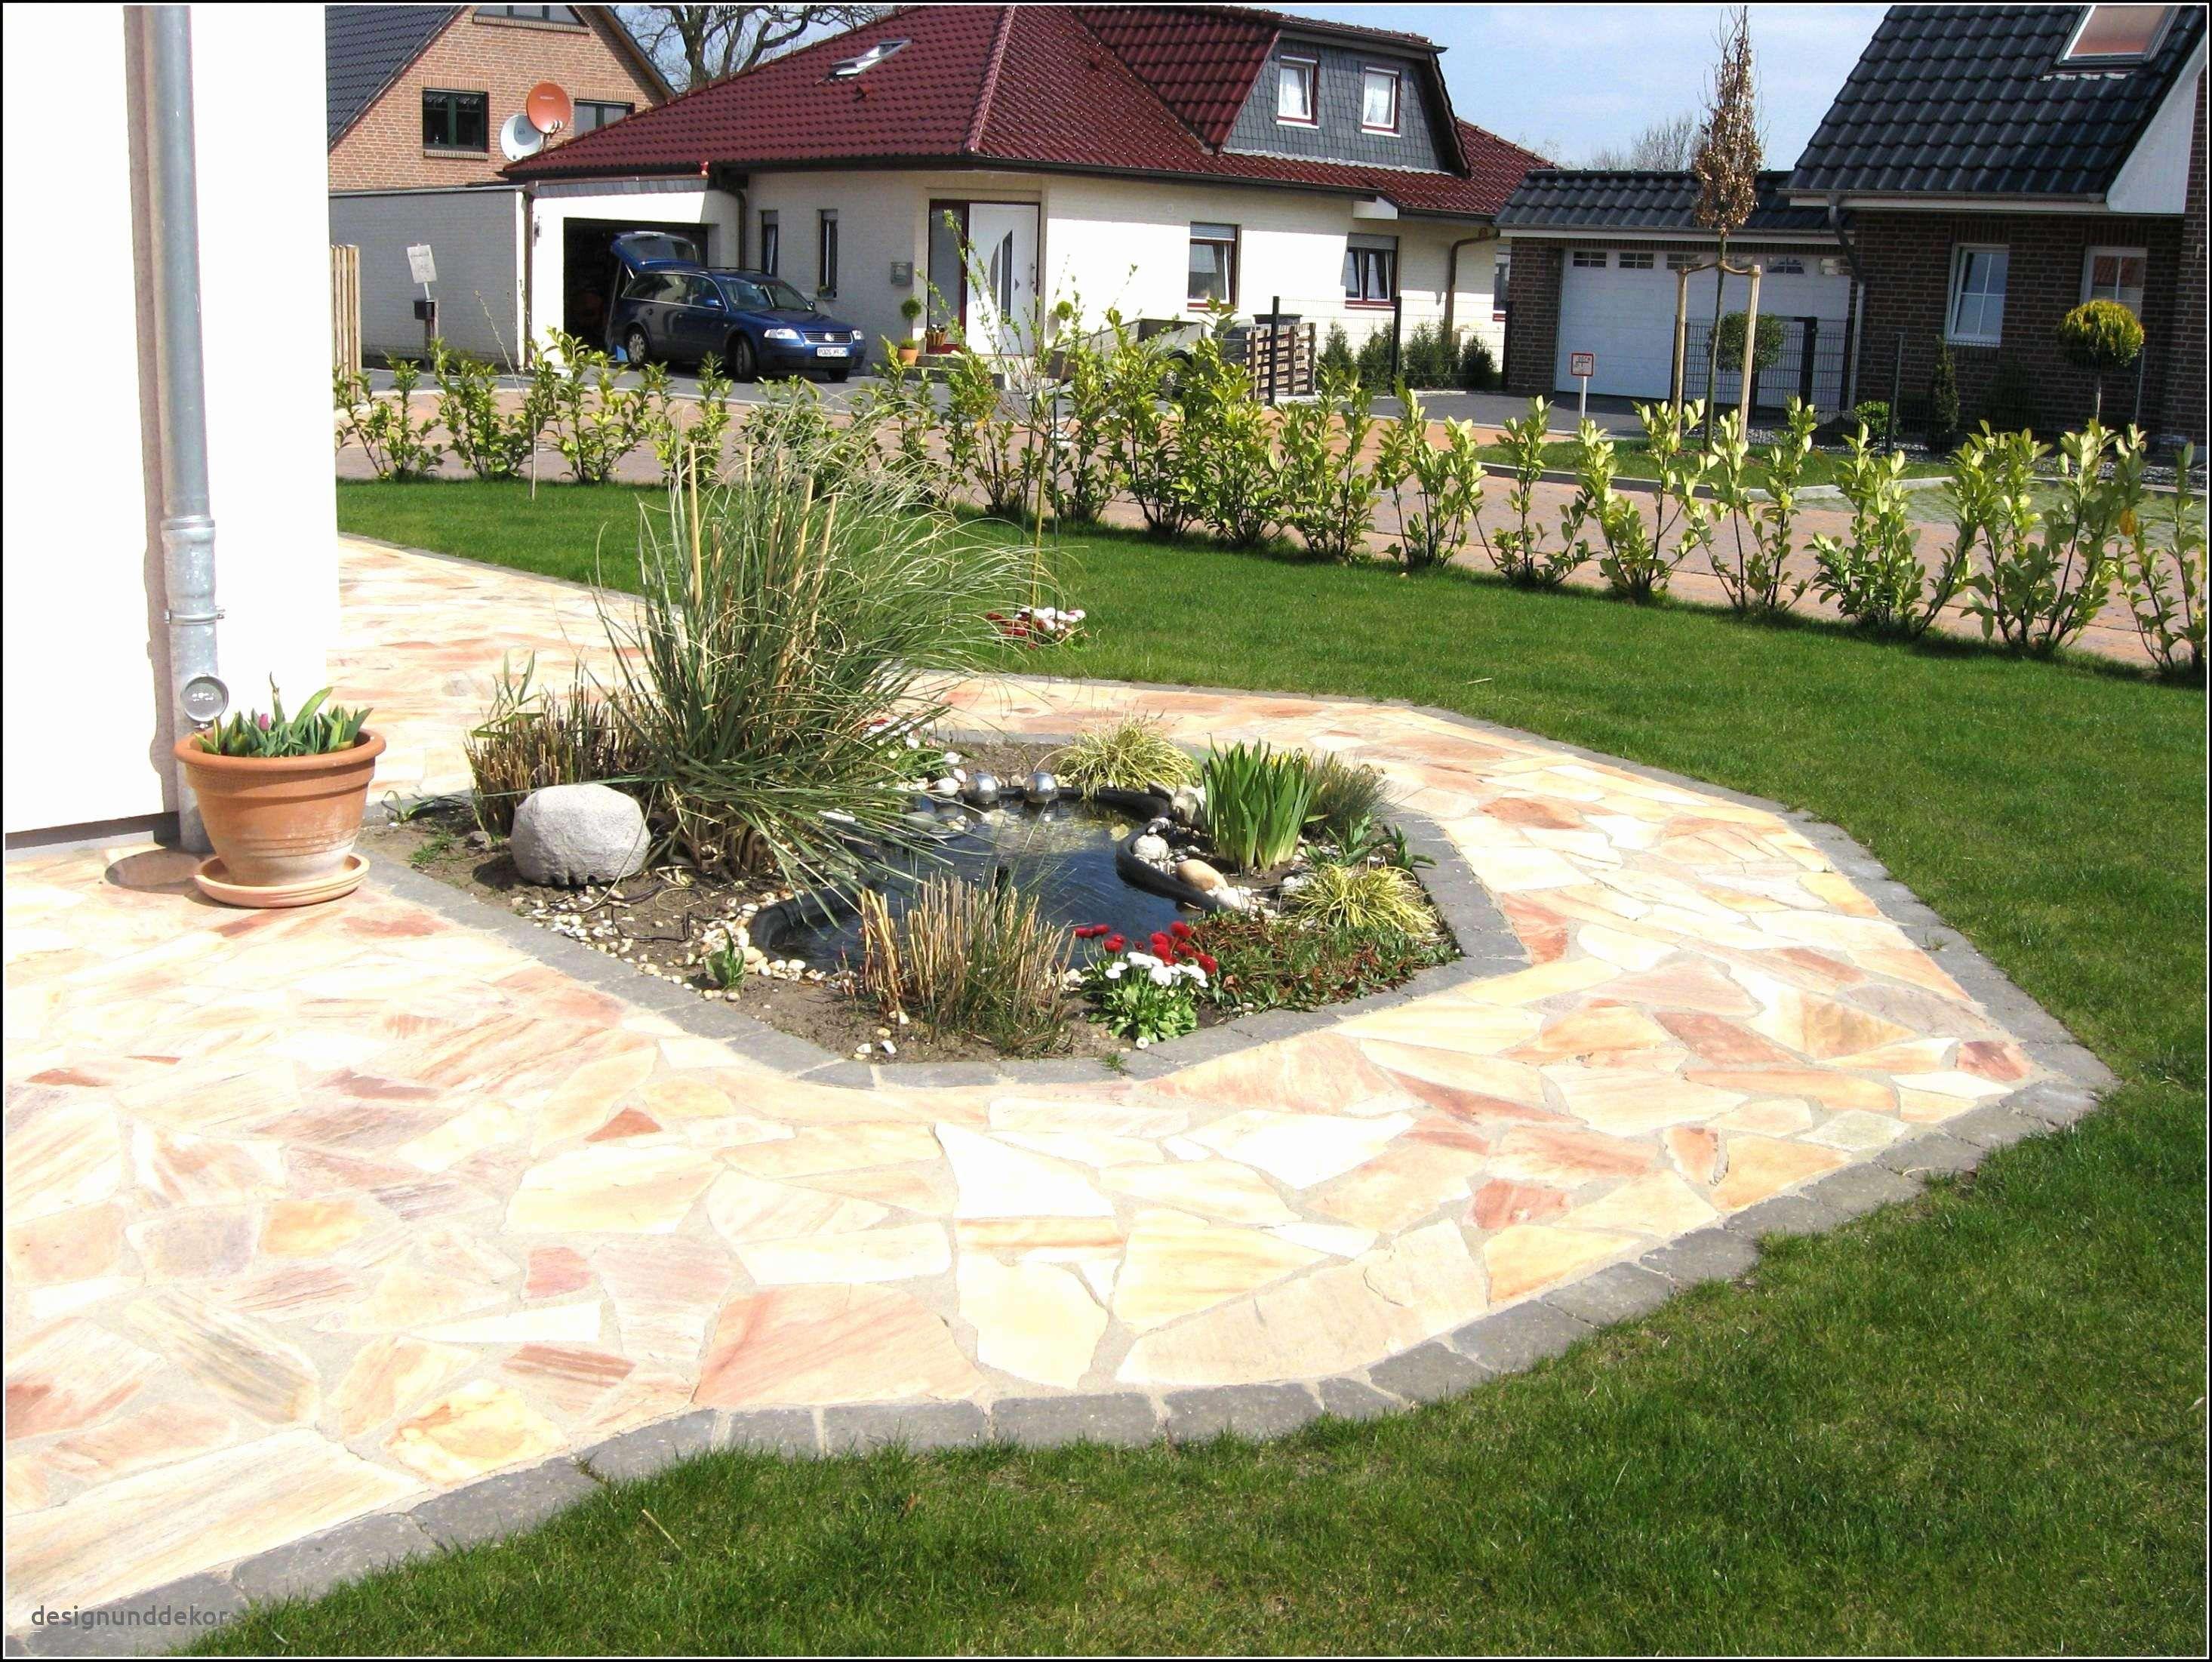 Konzept 42 Fur Gartengestaltung Bilder Kleiner Garten Mit Bildern Gartengestaltung Bilder Gartengestaltung Mediterrane Gartengestaltung